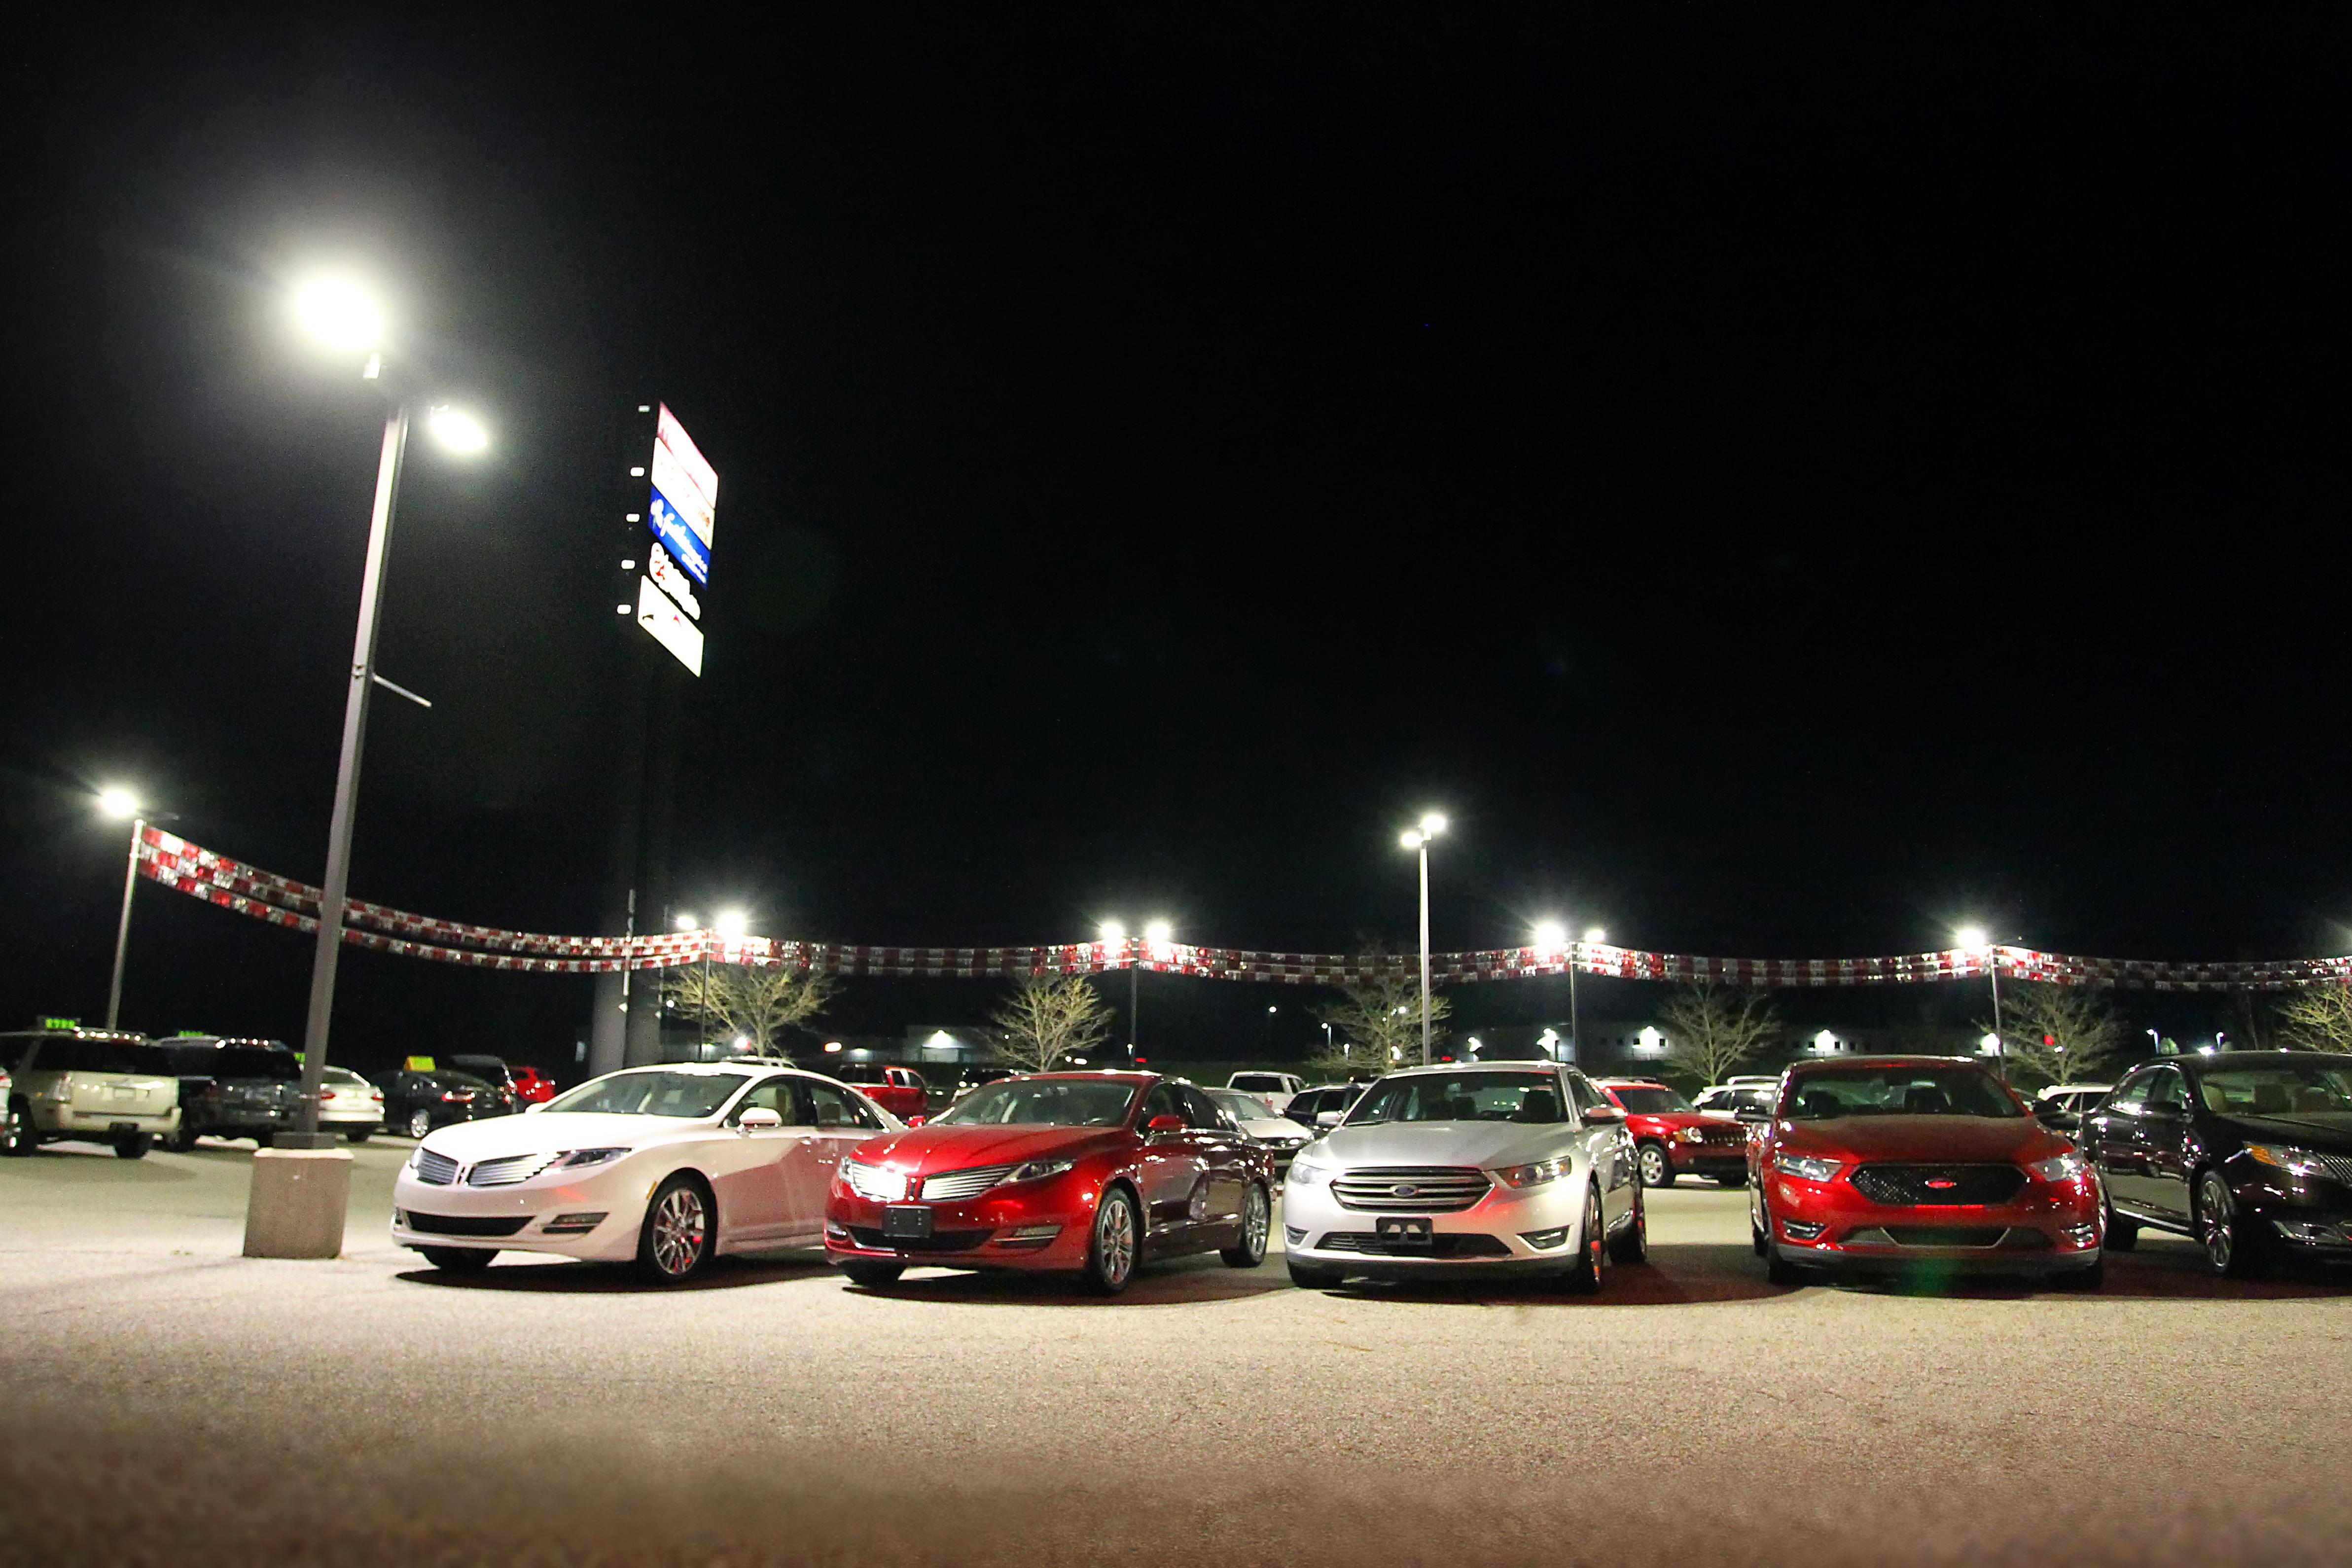 Parking Lot Lighting Tips for Car Dealerships